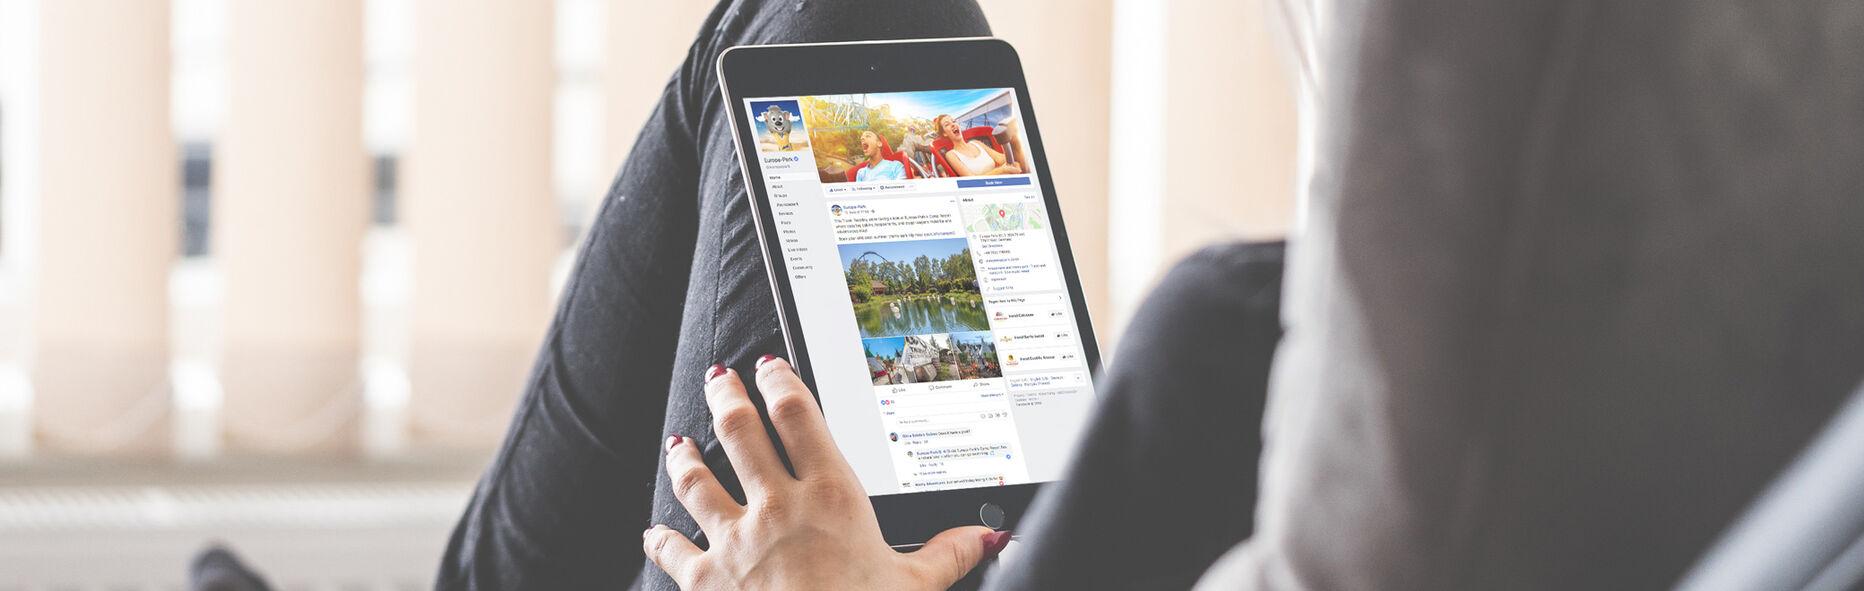 Eine Case Study von collab-ed, einer mehrfach ausgezeichnete, internationale Werbeagentur: Europa-Park Social Media (EN)